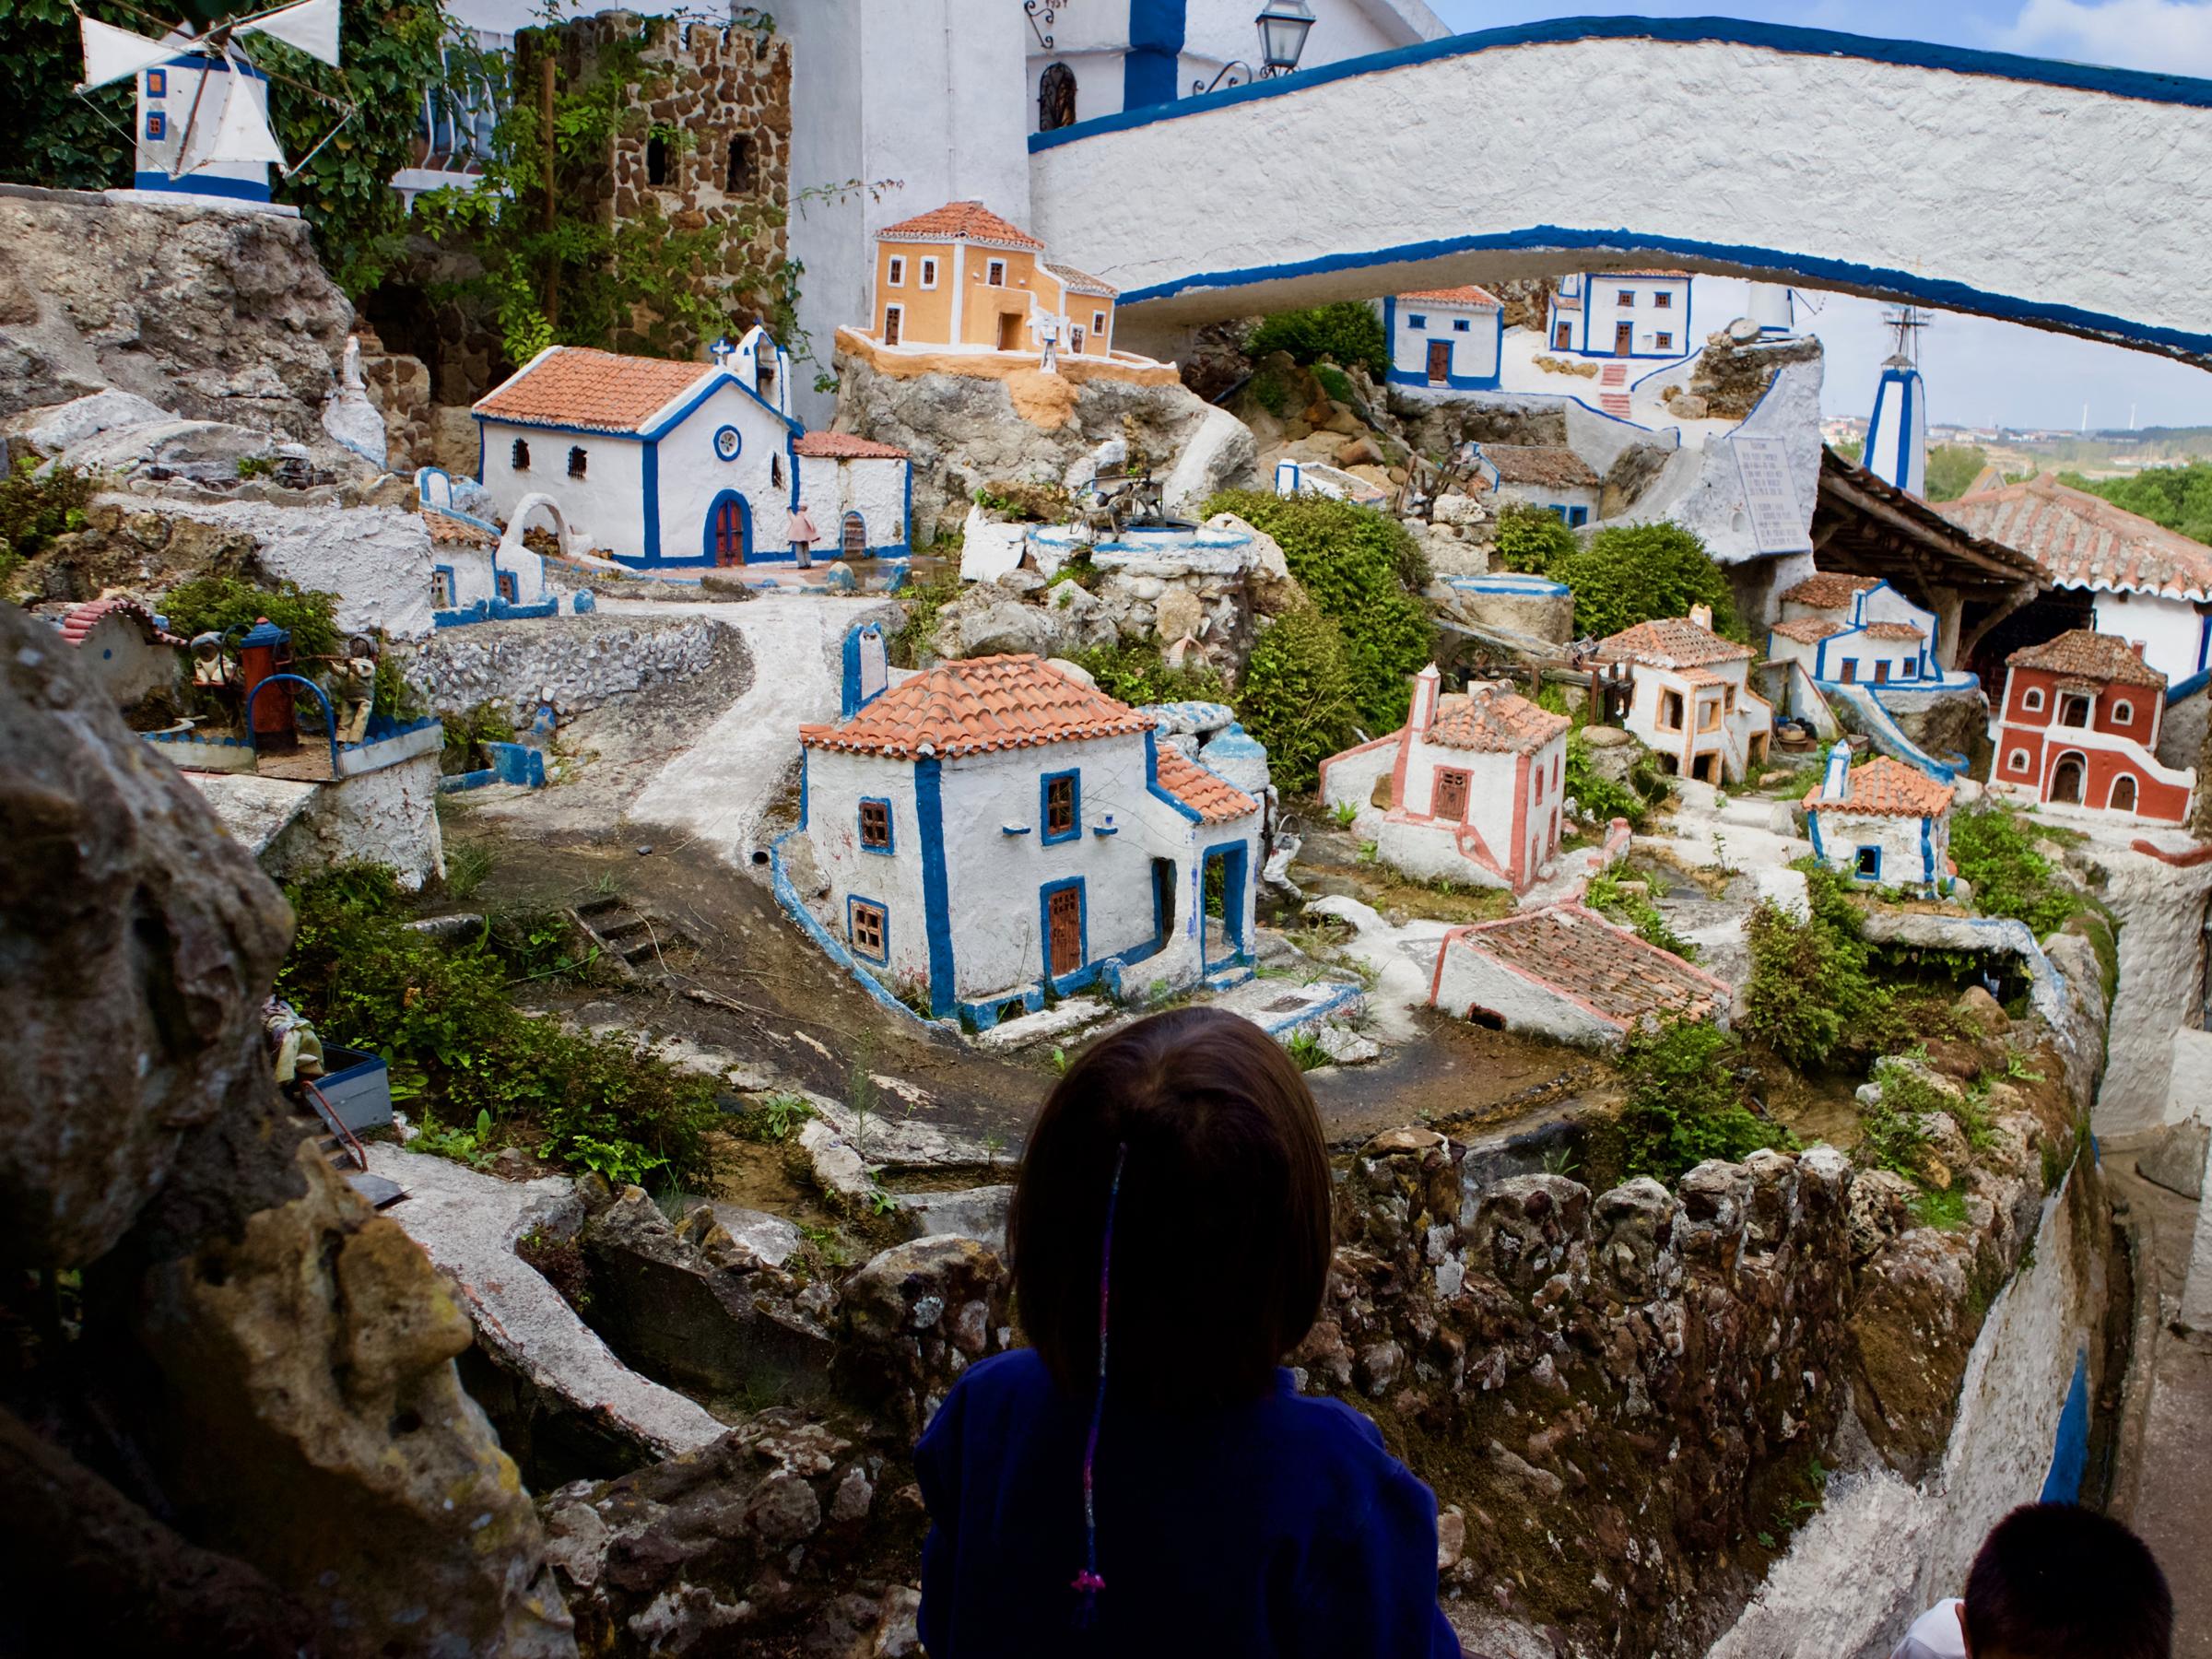 Aldeia Típica Sobreiro near Mafra